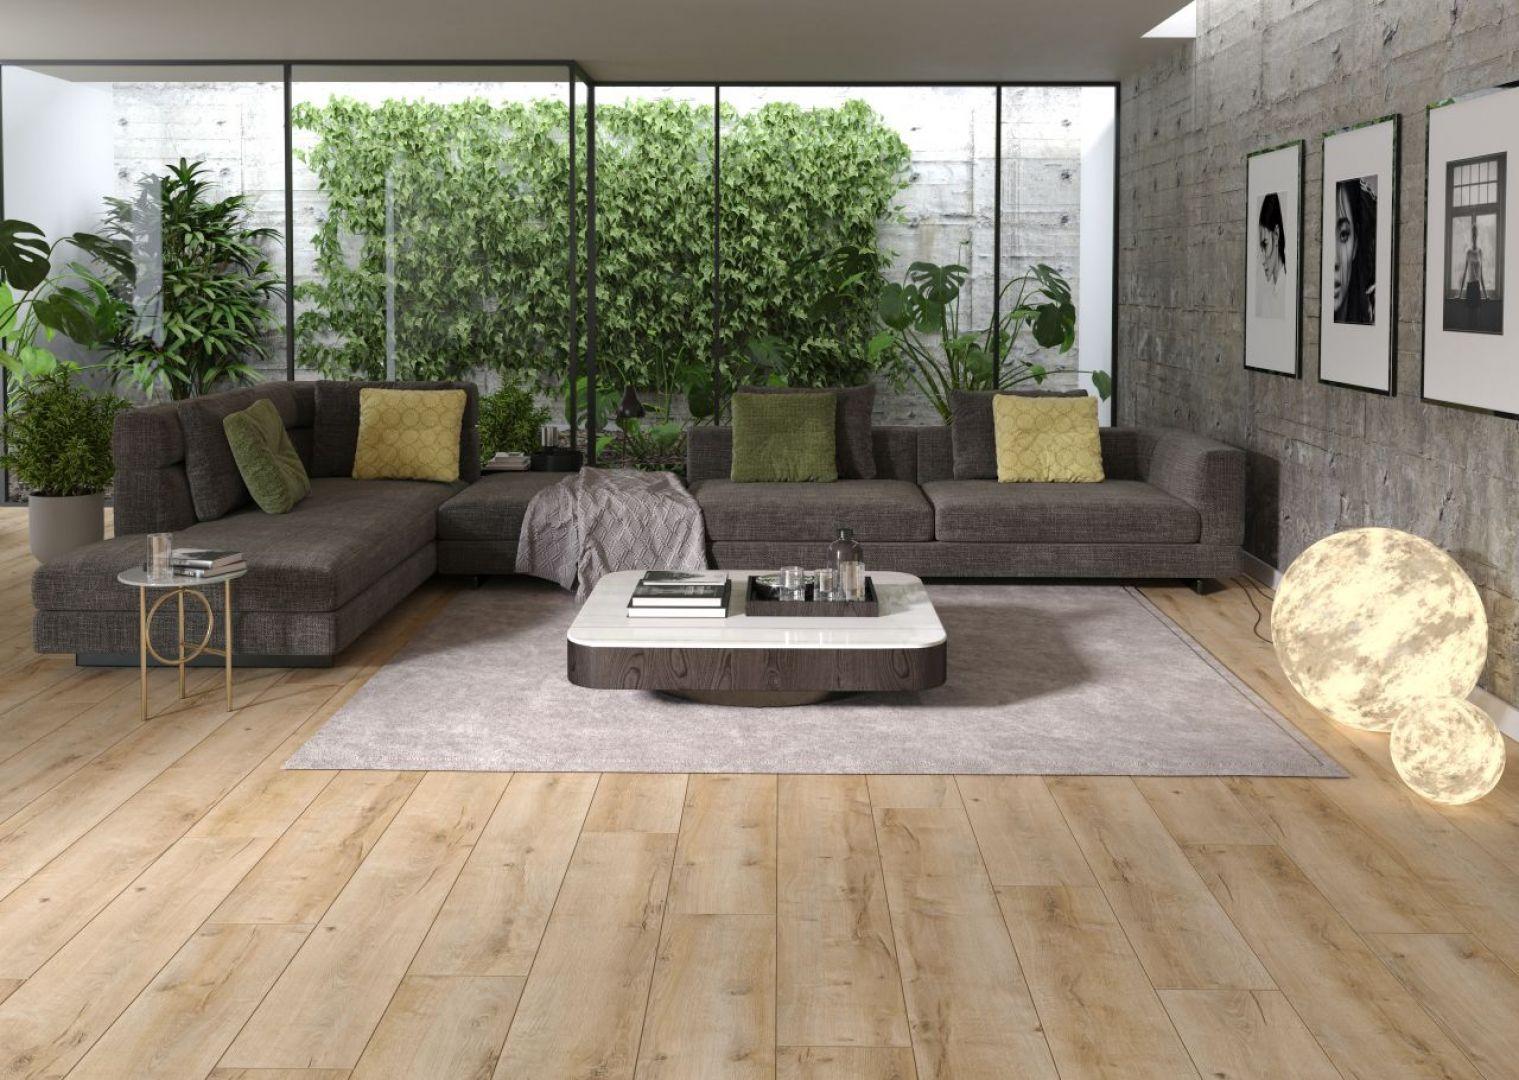 Mieszkanie zaprojektowane w duchu biophilic design staje się swego rodzaju ogrodem sensorycznym. Ważne są tu wszystkie wzrokowe i pozawzrokowe bodźce. Przestrzeń ma działać na każdy zmysł. Na zdjęciu: podłoga Arteo Dąb Connemara, ok. 67 zł/m2. Fot. Classen